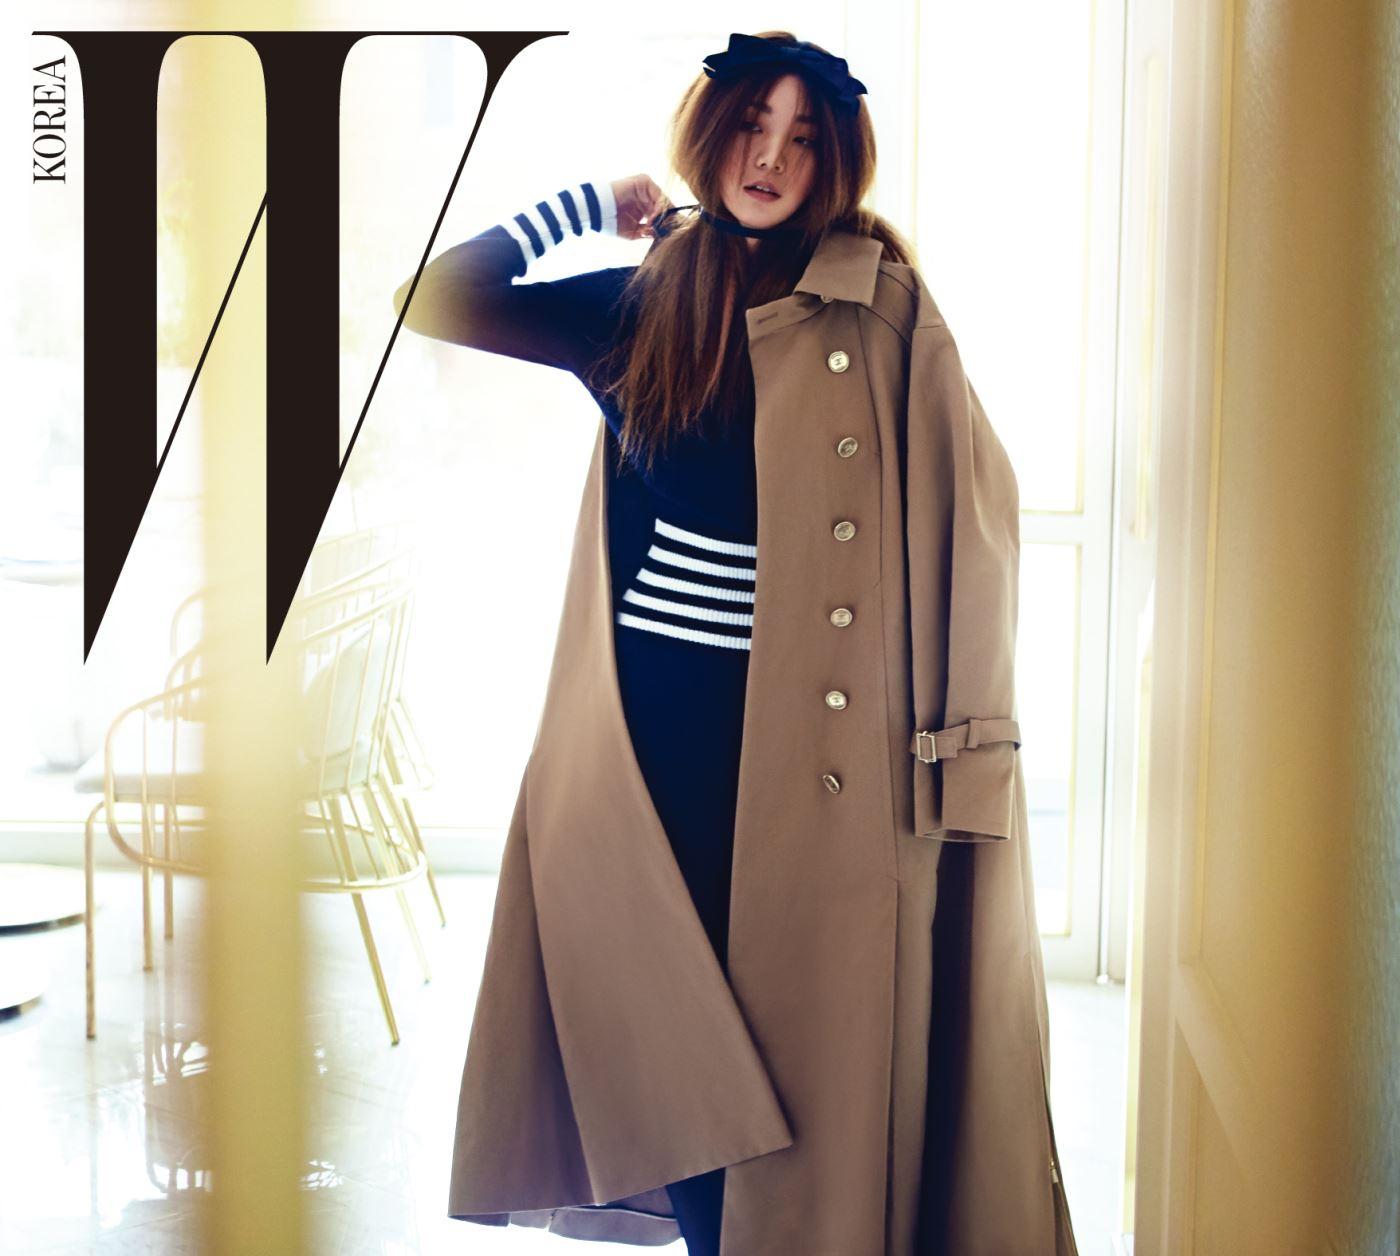 오버사이즈의 트렌치코트, 줄무늬 패턴이 담긴 니트 원피스, 리본 헤어핀은 모두 Chanel 제품.